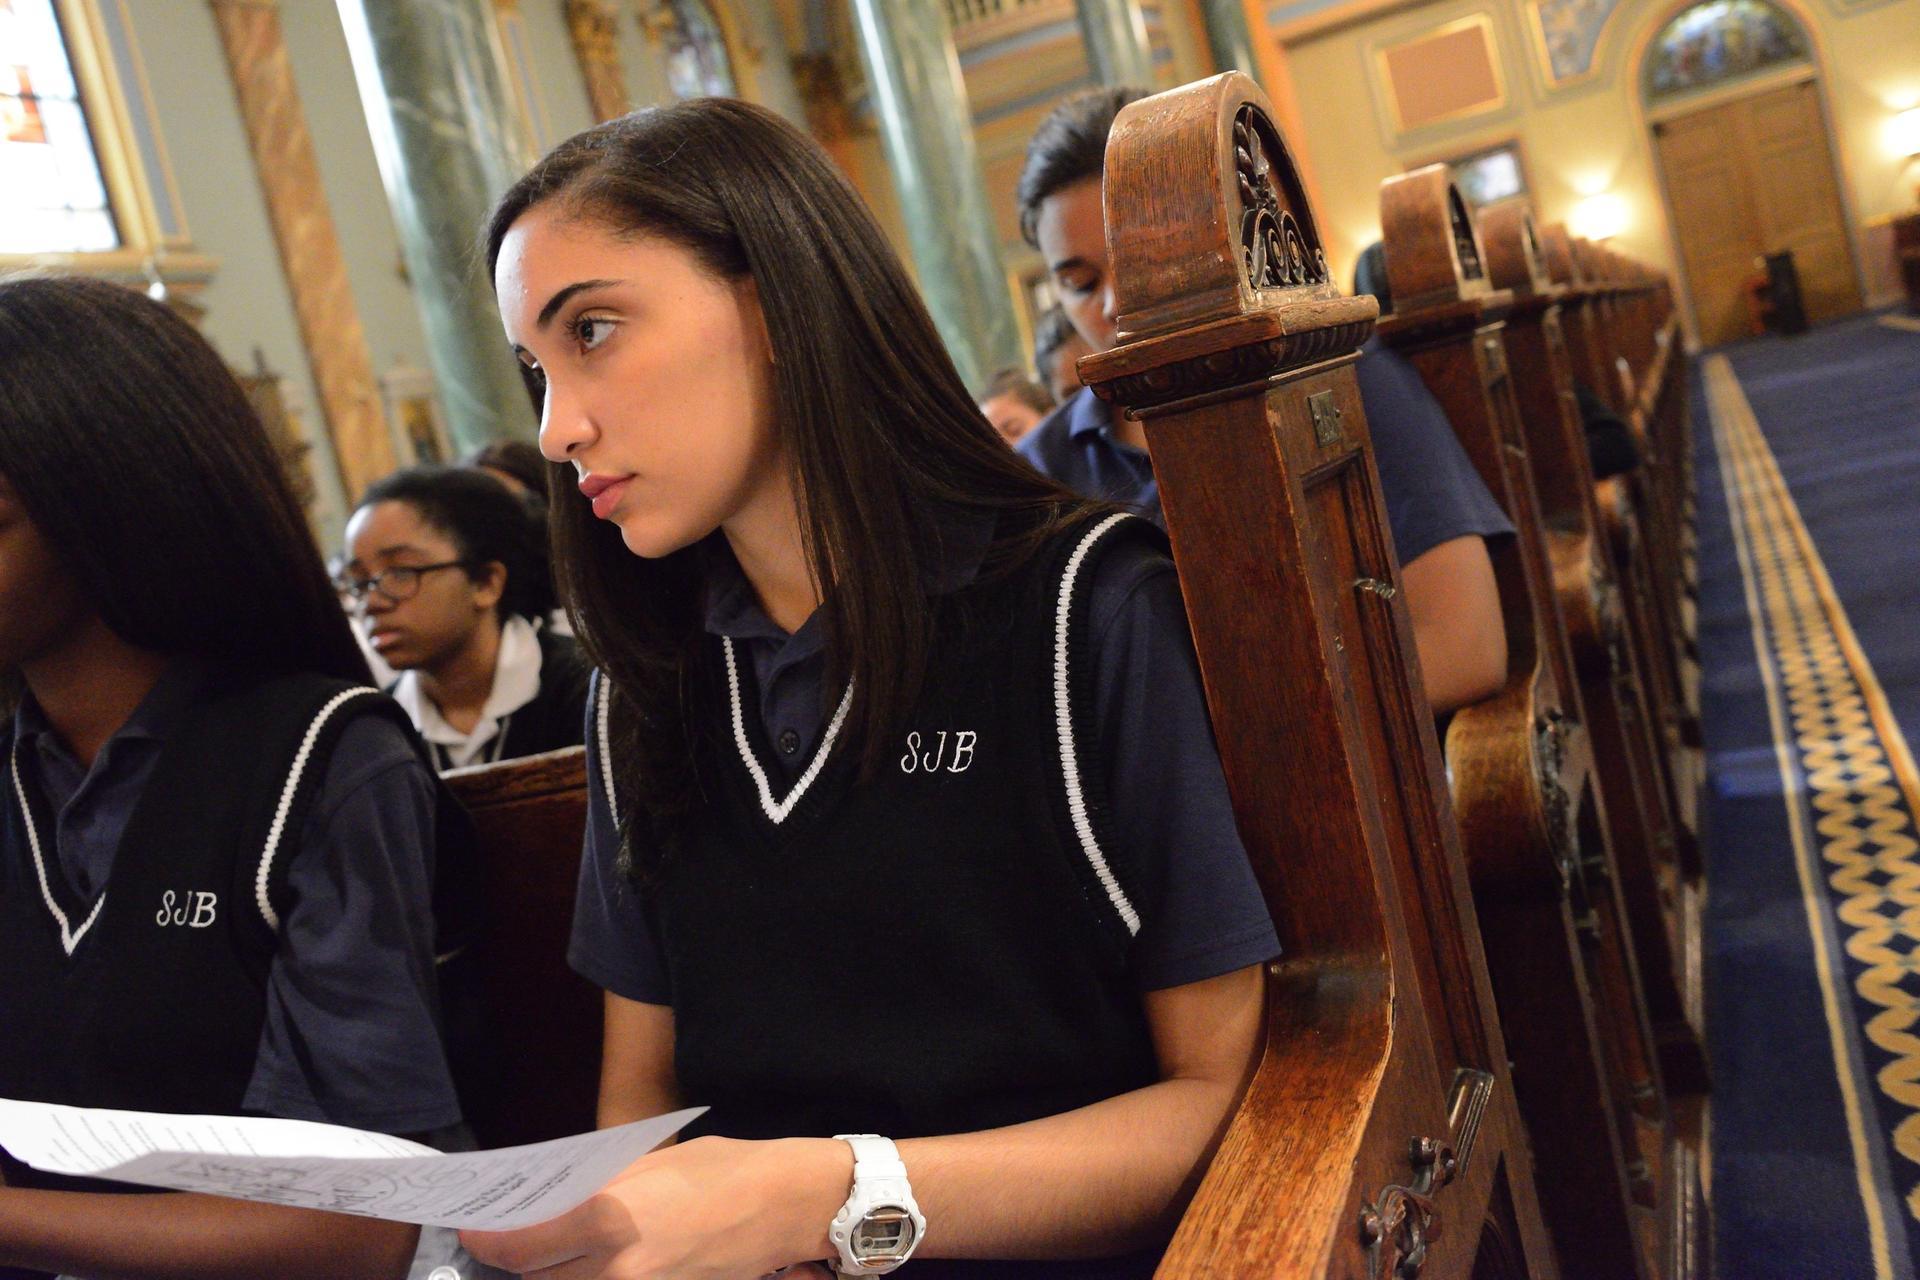 Jeanites in the church